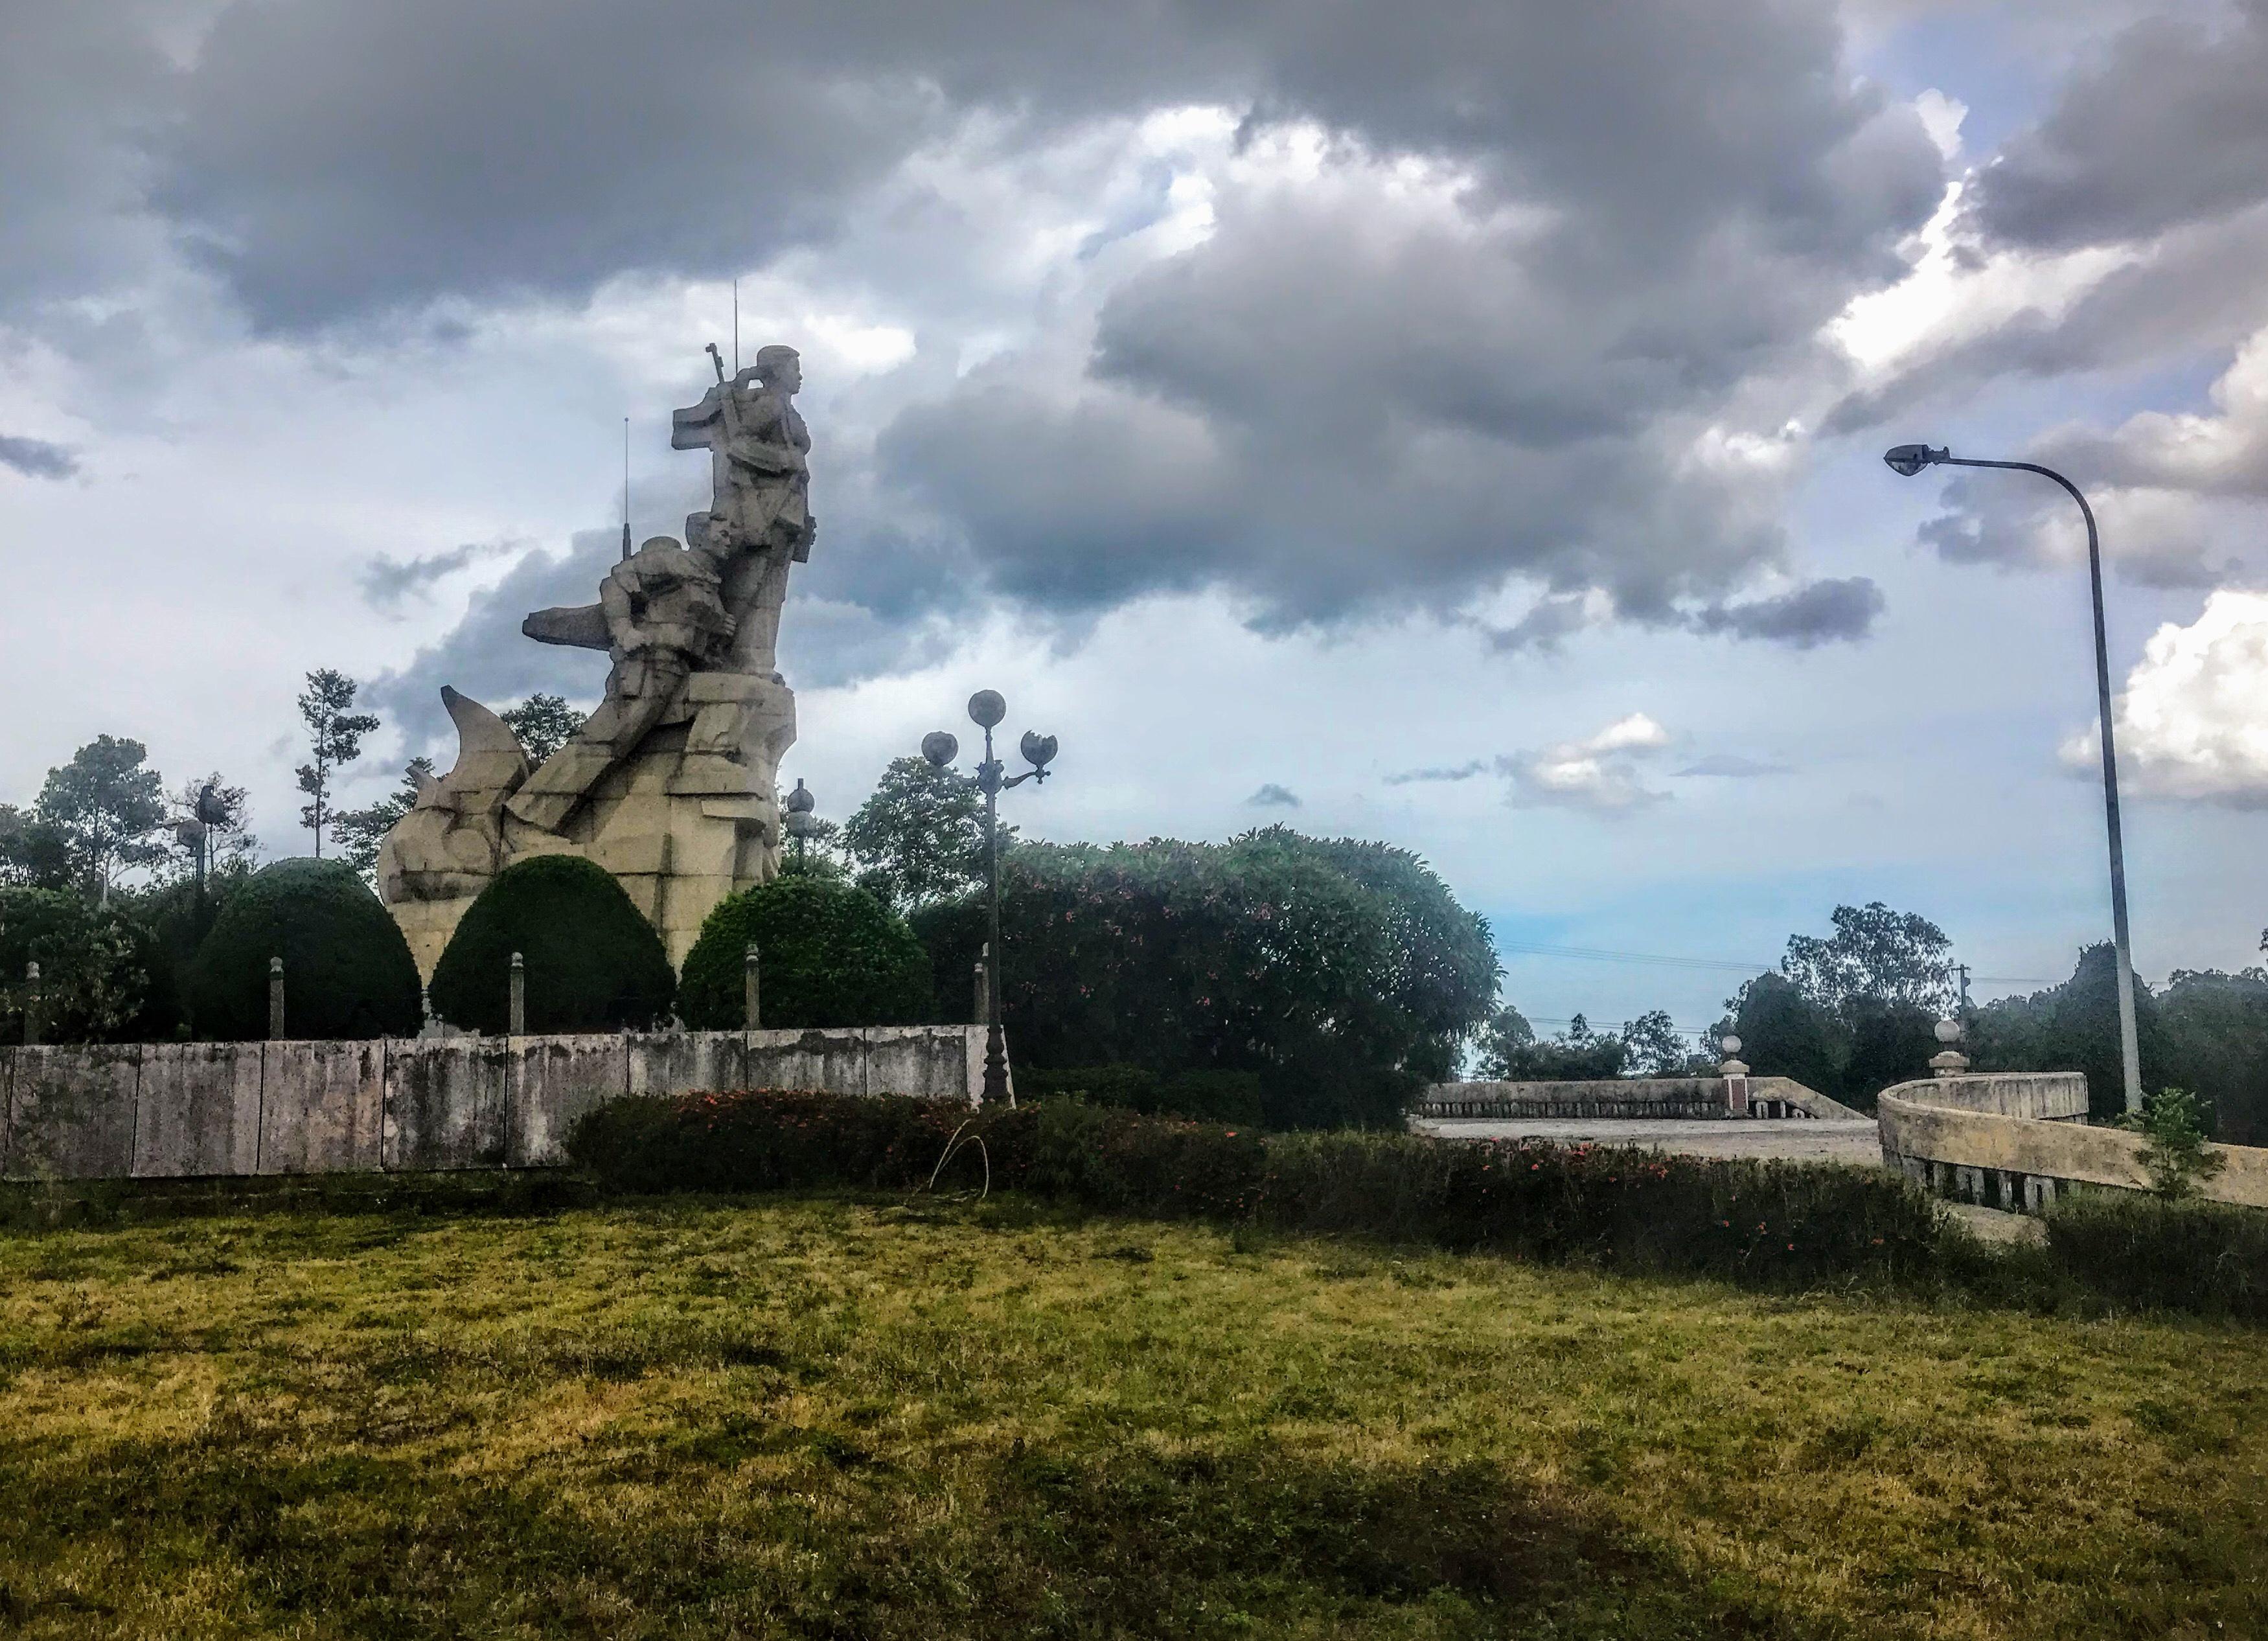 Doc Mieu Monument, Dong Ha, Vietnam